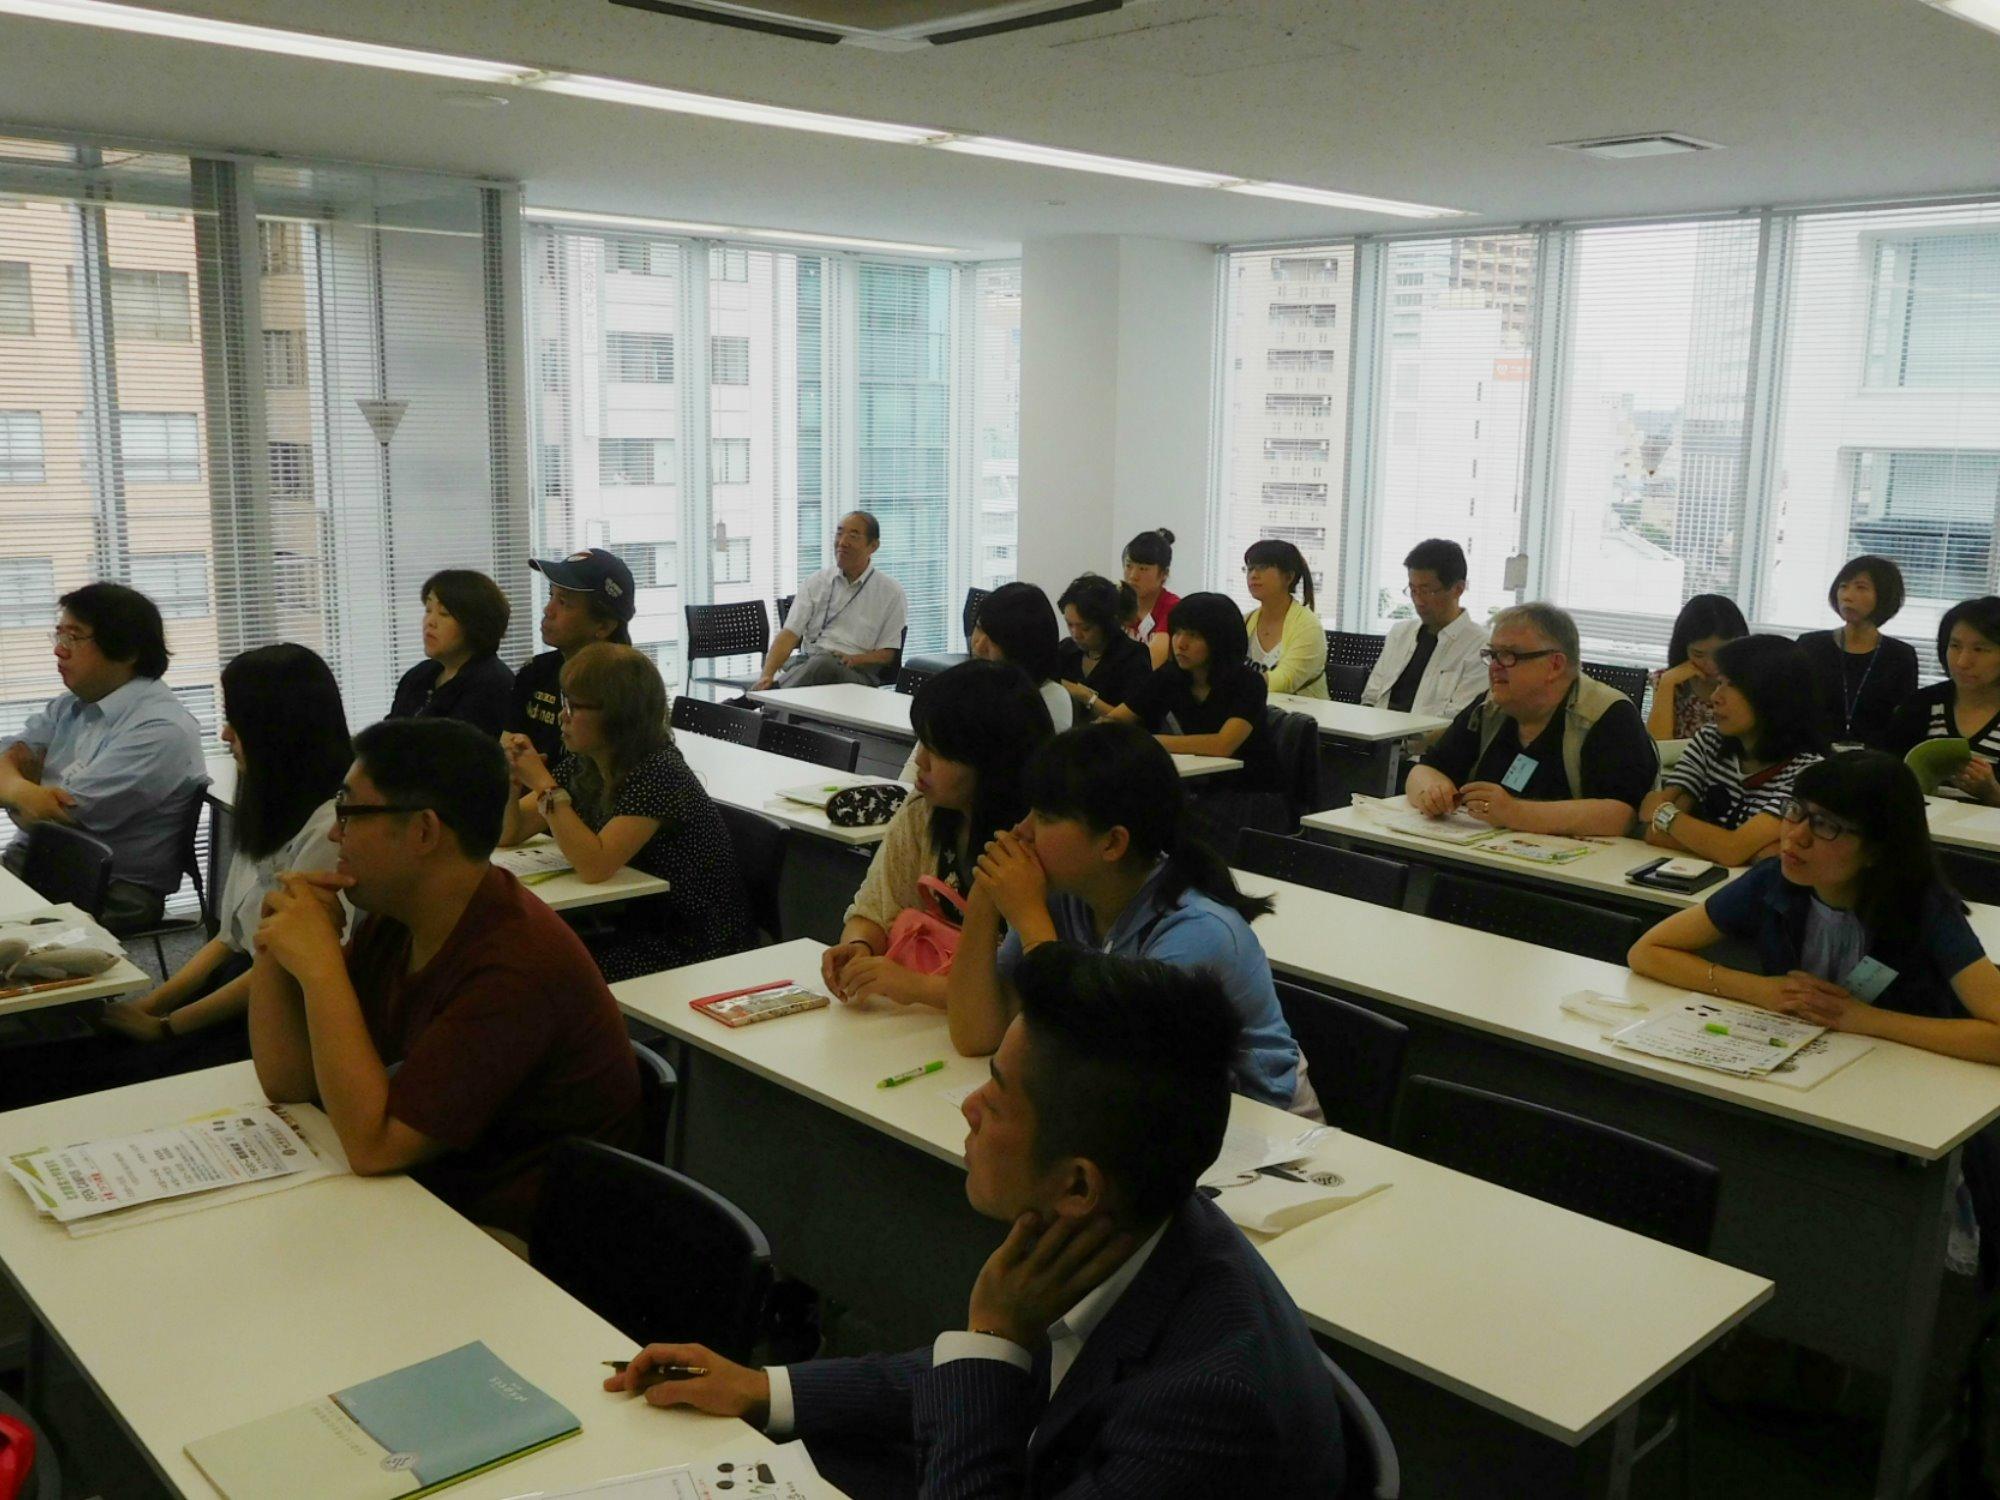 中国語学習の秘訣を徹底解説